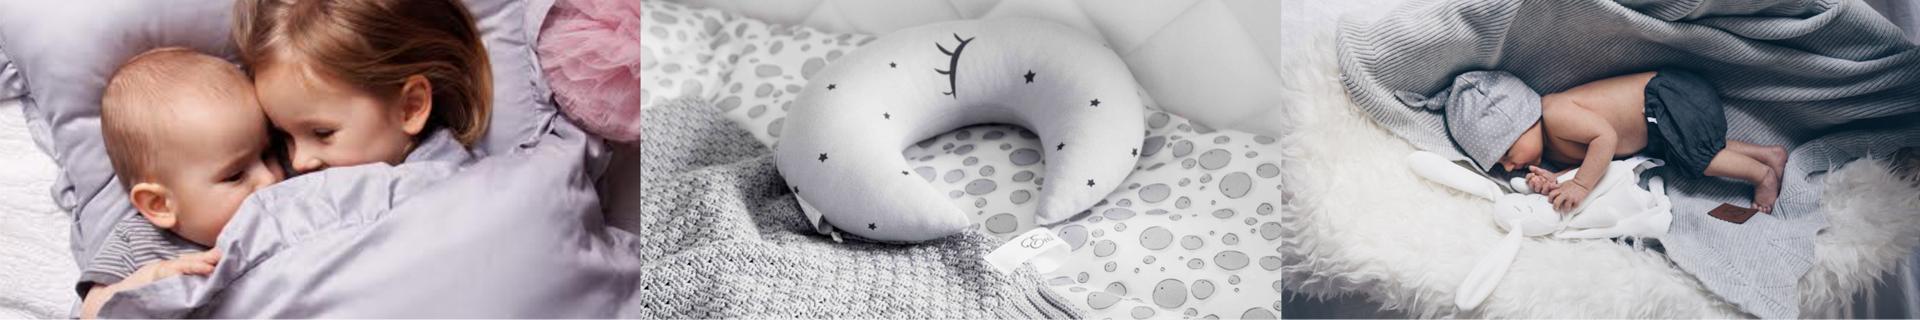 Pościel dla dzieci bez wypełnienia - My Sweet Room - Meble dziecięce